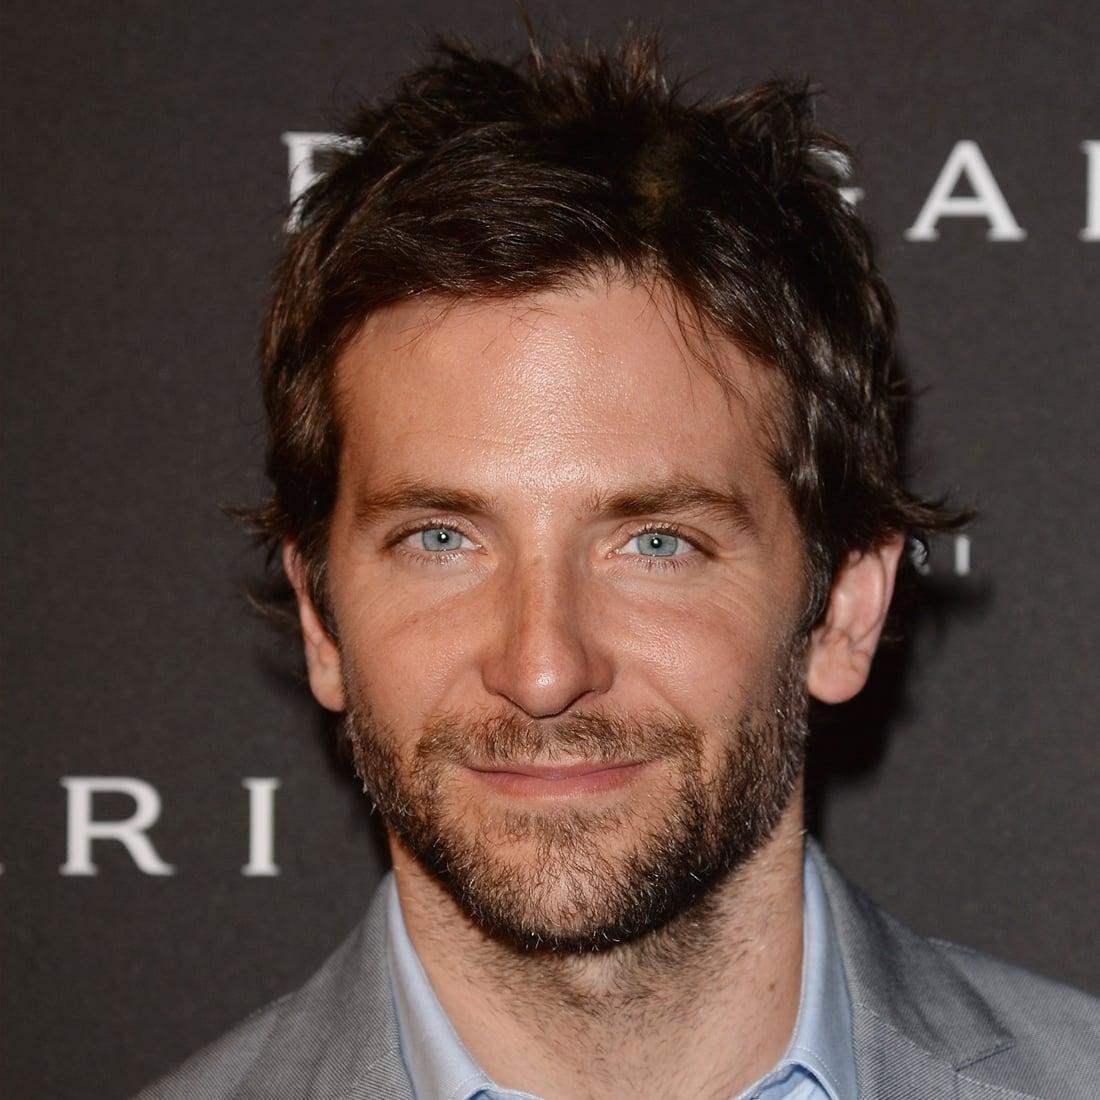 Bradley Coopers Hottest Pictures Popsugar Celebrity Uk